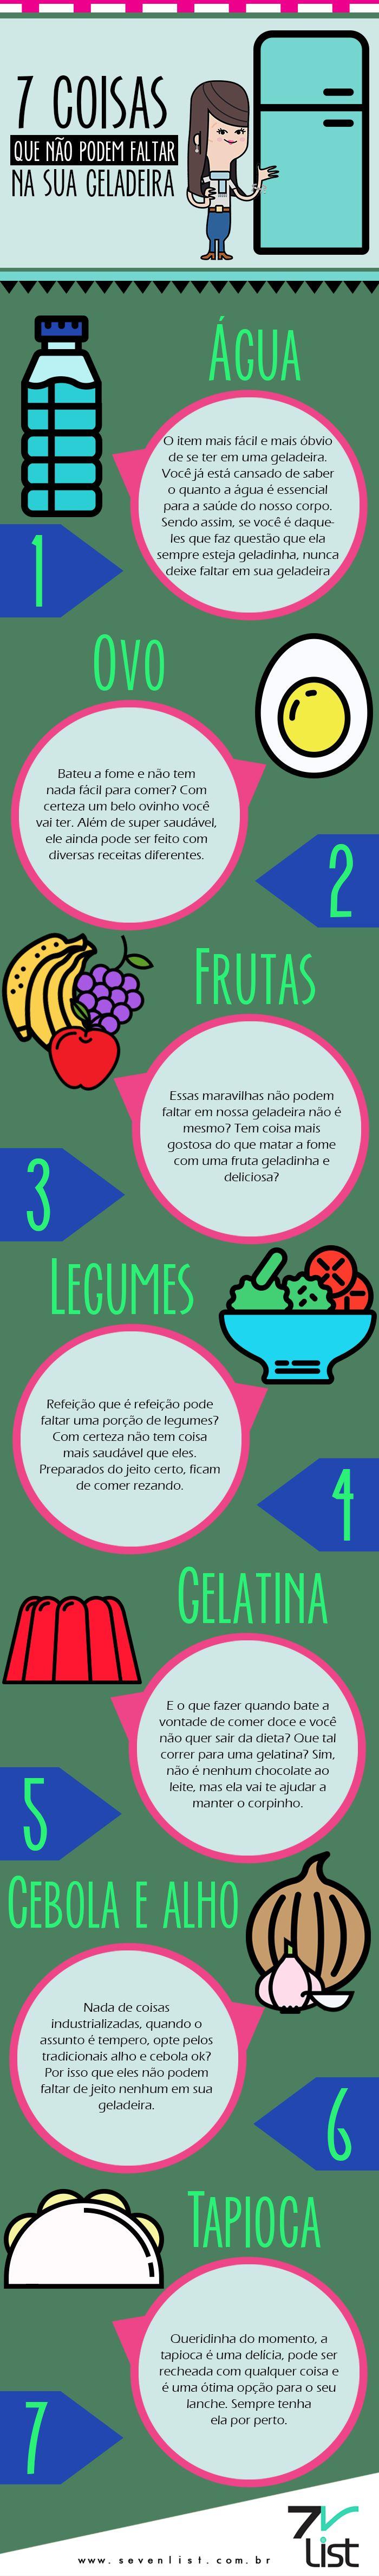 Ela é nossa aliada ou inimiga quando o assunto é alimentação saudável, o que tem na nossa geladeira é  de extrema importância na hora de manter a dieta. Veja a lista que nós do Seven List preparamos com 7 coisas que não pode faltar em sua geladeira. #SevenList #Art #Infográfico #Fit #Fitness #Alimentação #Lifestyle #Dieta #Diet #Food